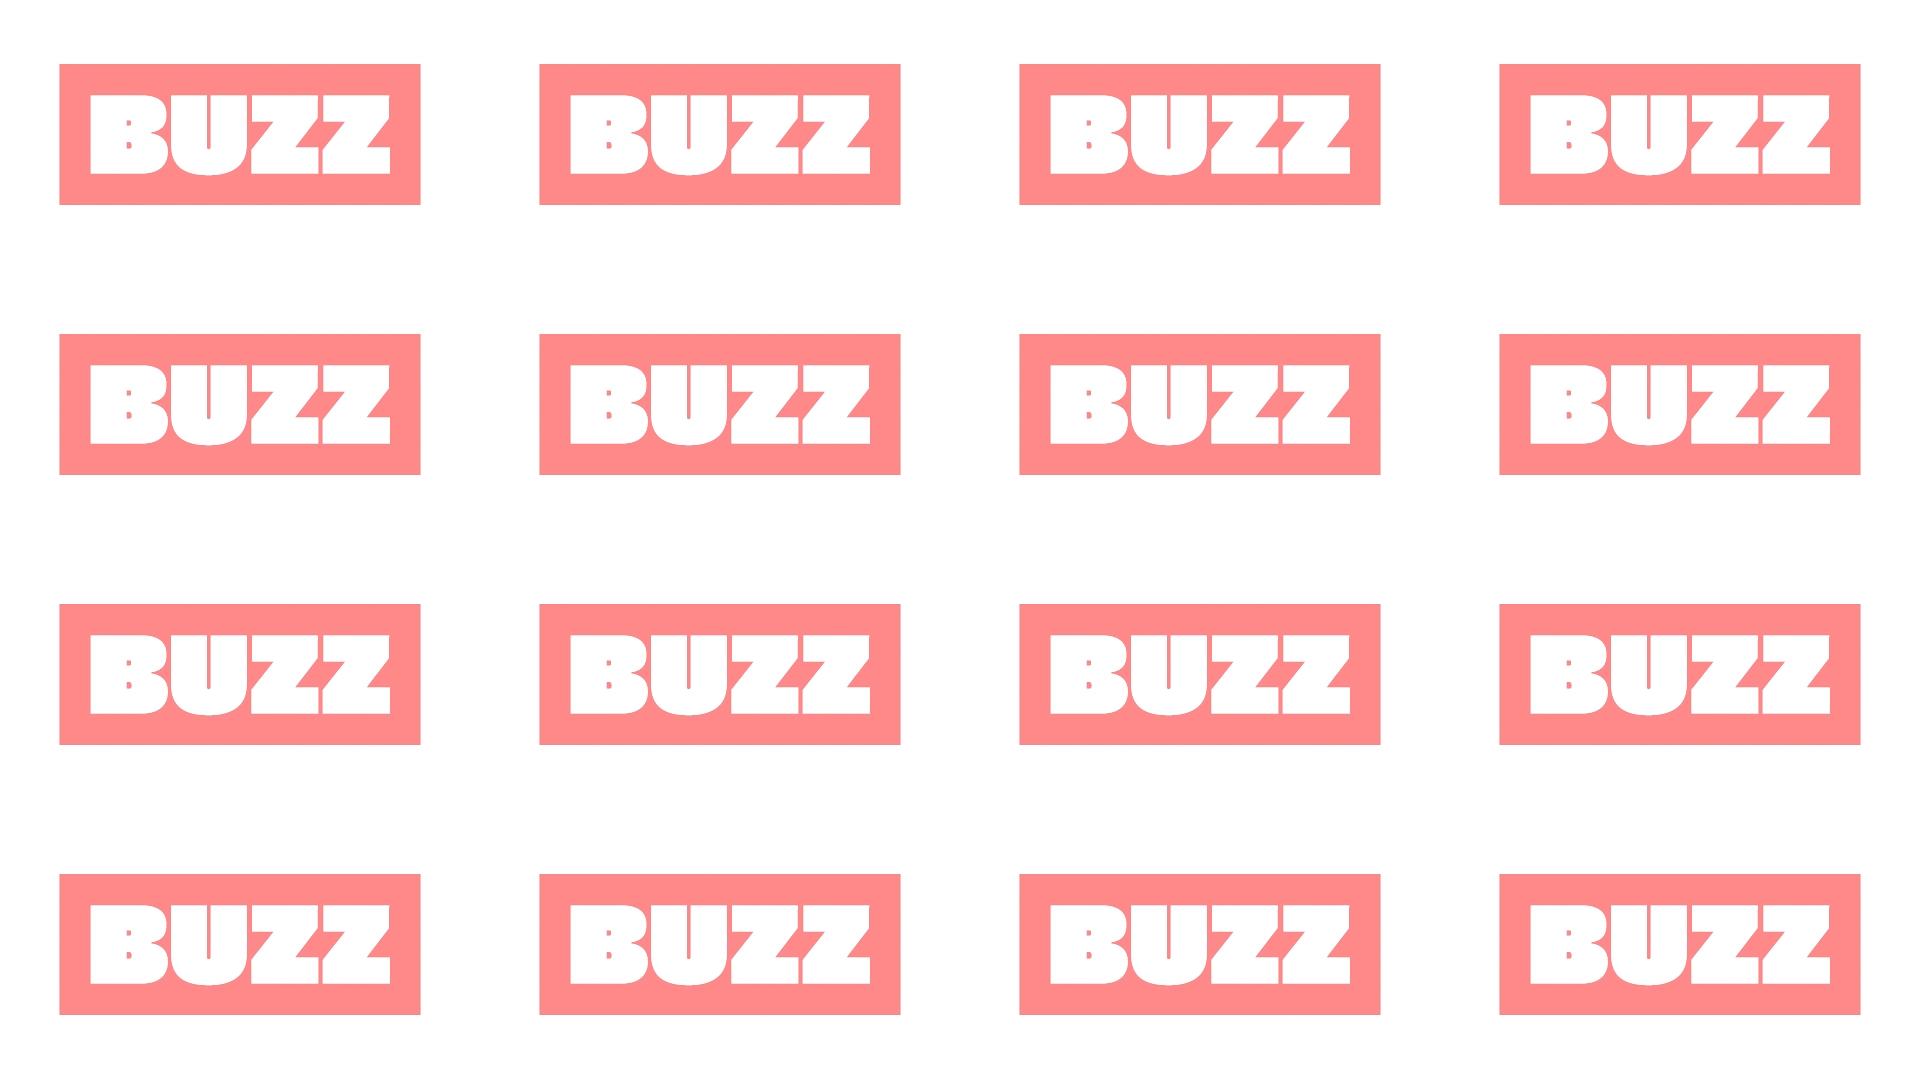 Buzz_002